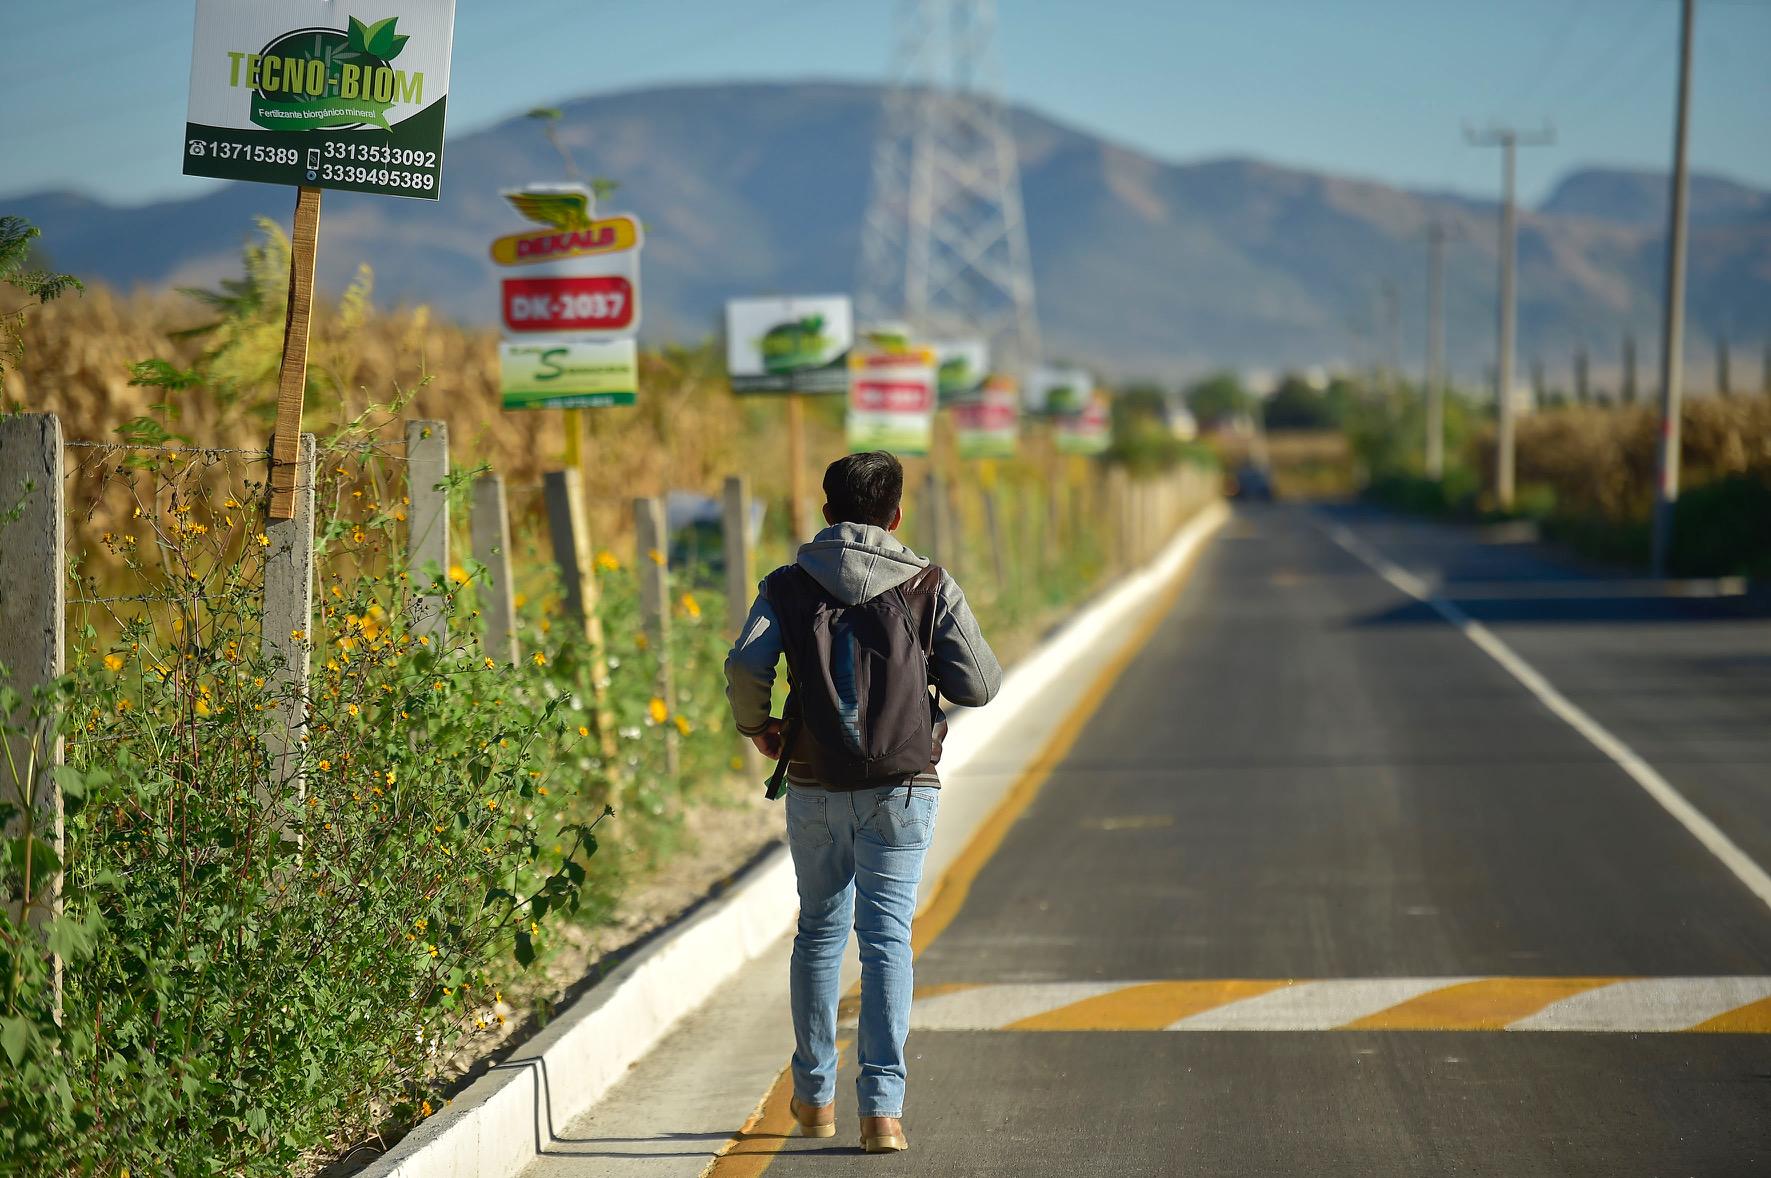 Aumno del Centro Universitario, caminando por el camino pavimentado